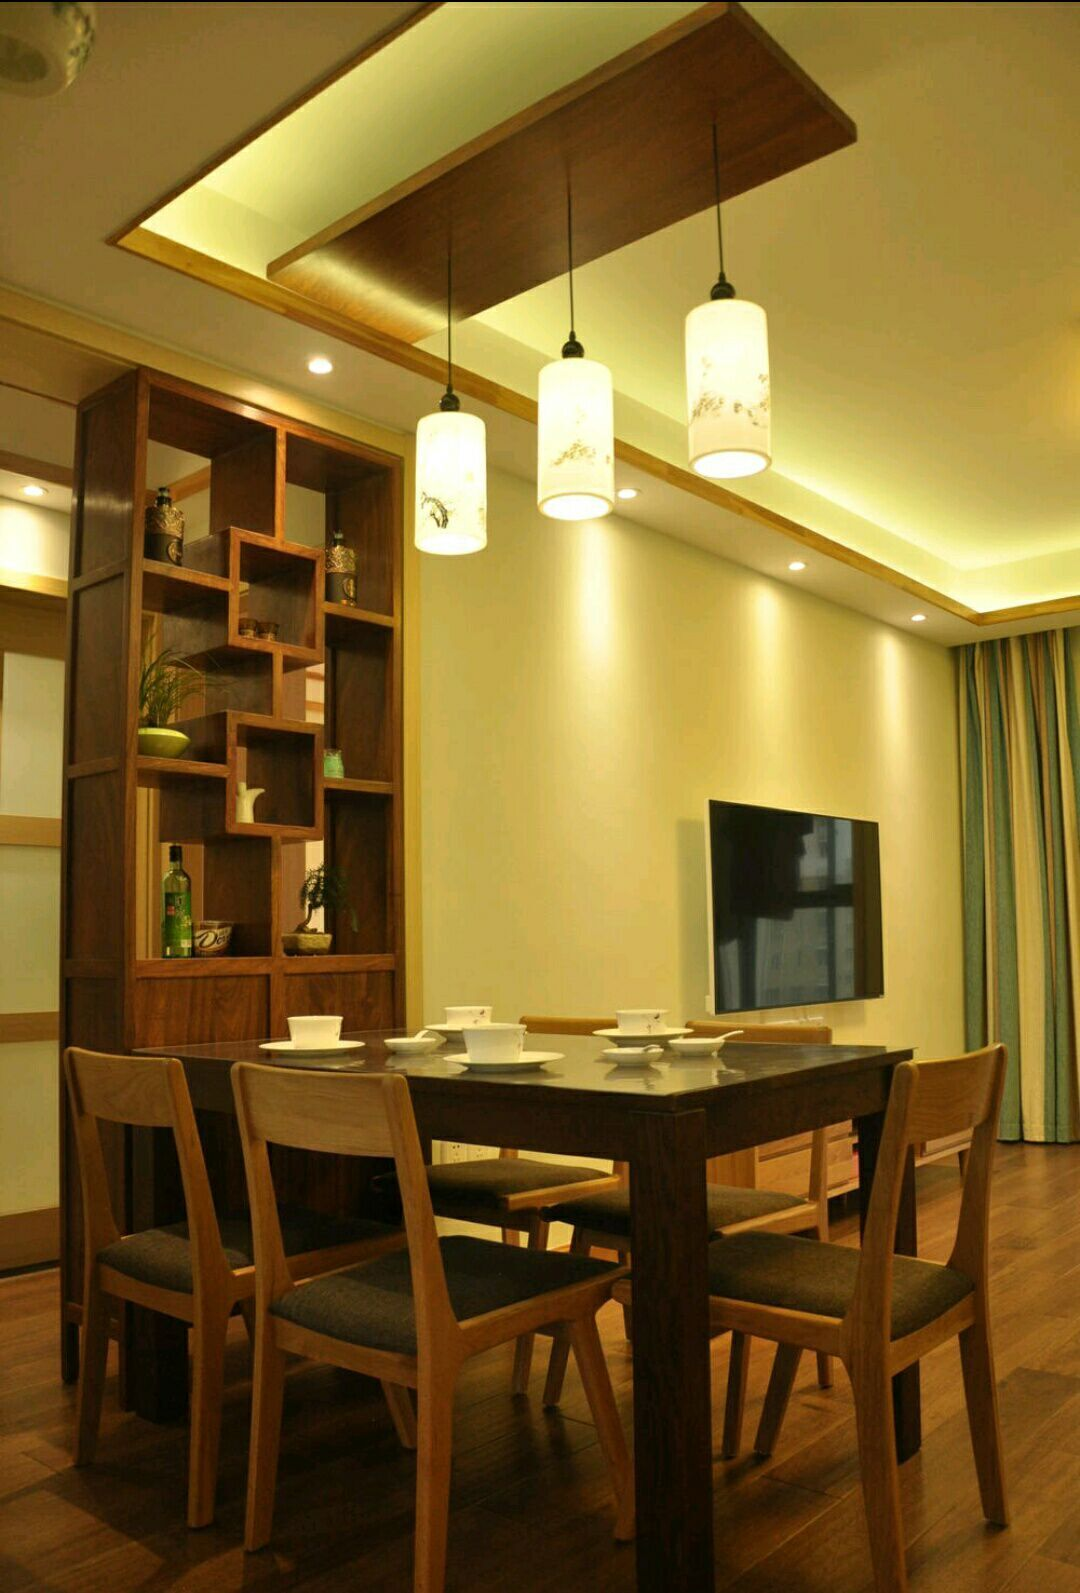 三居 日式 史丹佛公馆 95平 嘉年华装饰 餐厅图片来自武汉嘉年华装饰在苹果绿和原木色日式风格的分享